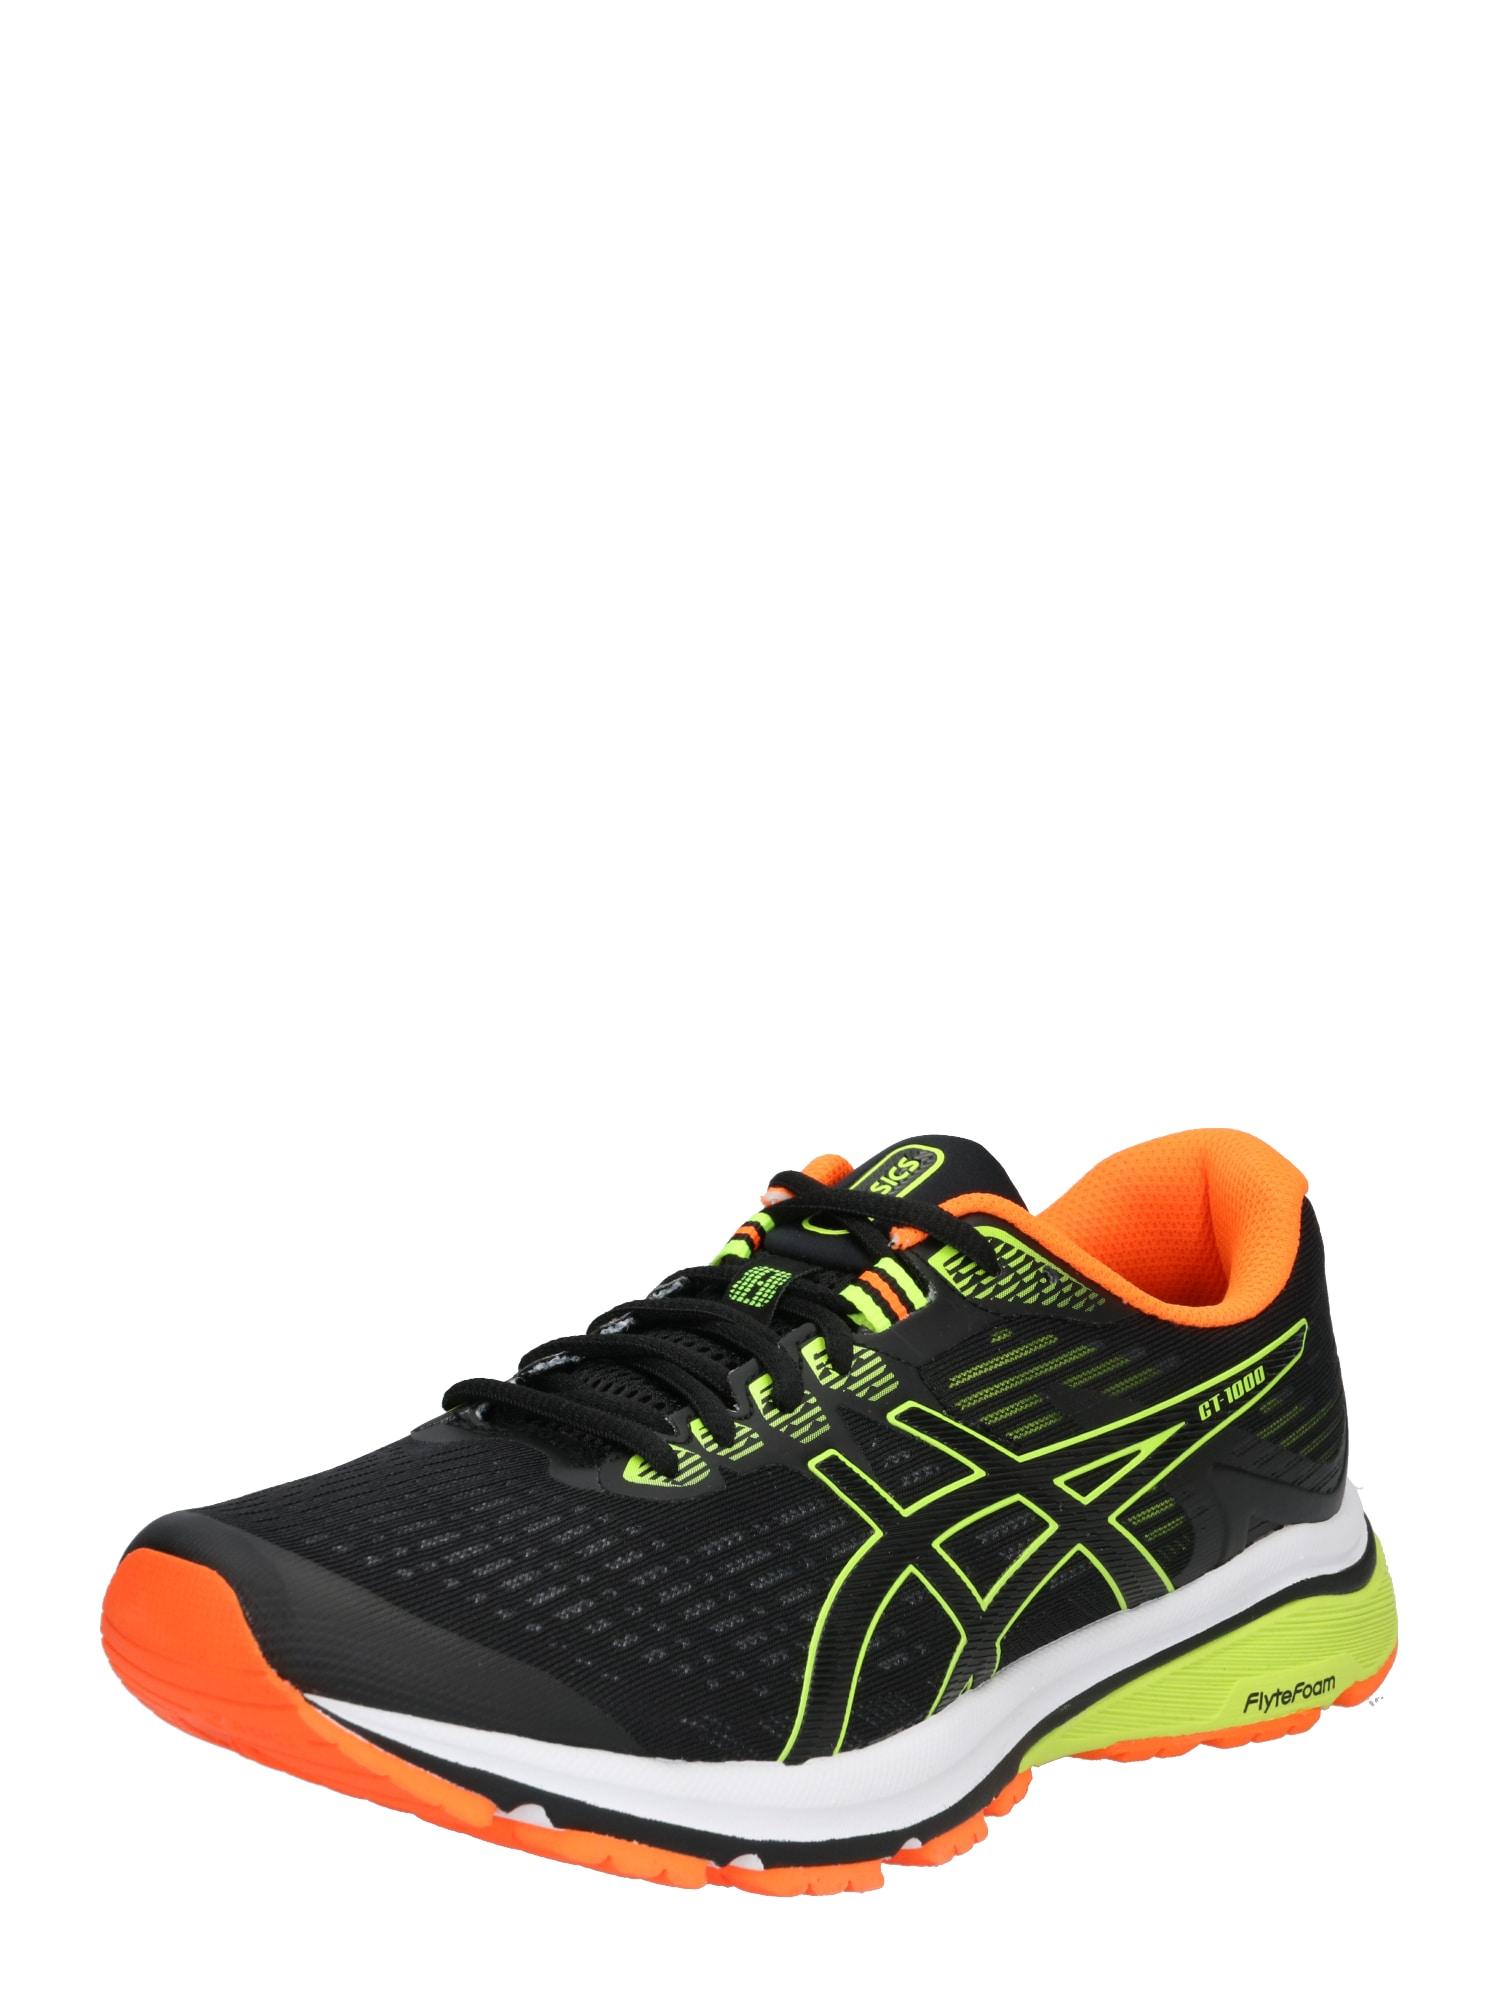 Běžecká obuv GT-1000 8 žlutá červená černá ASICS